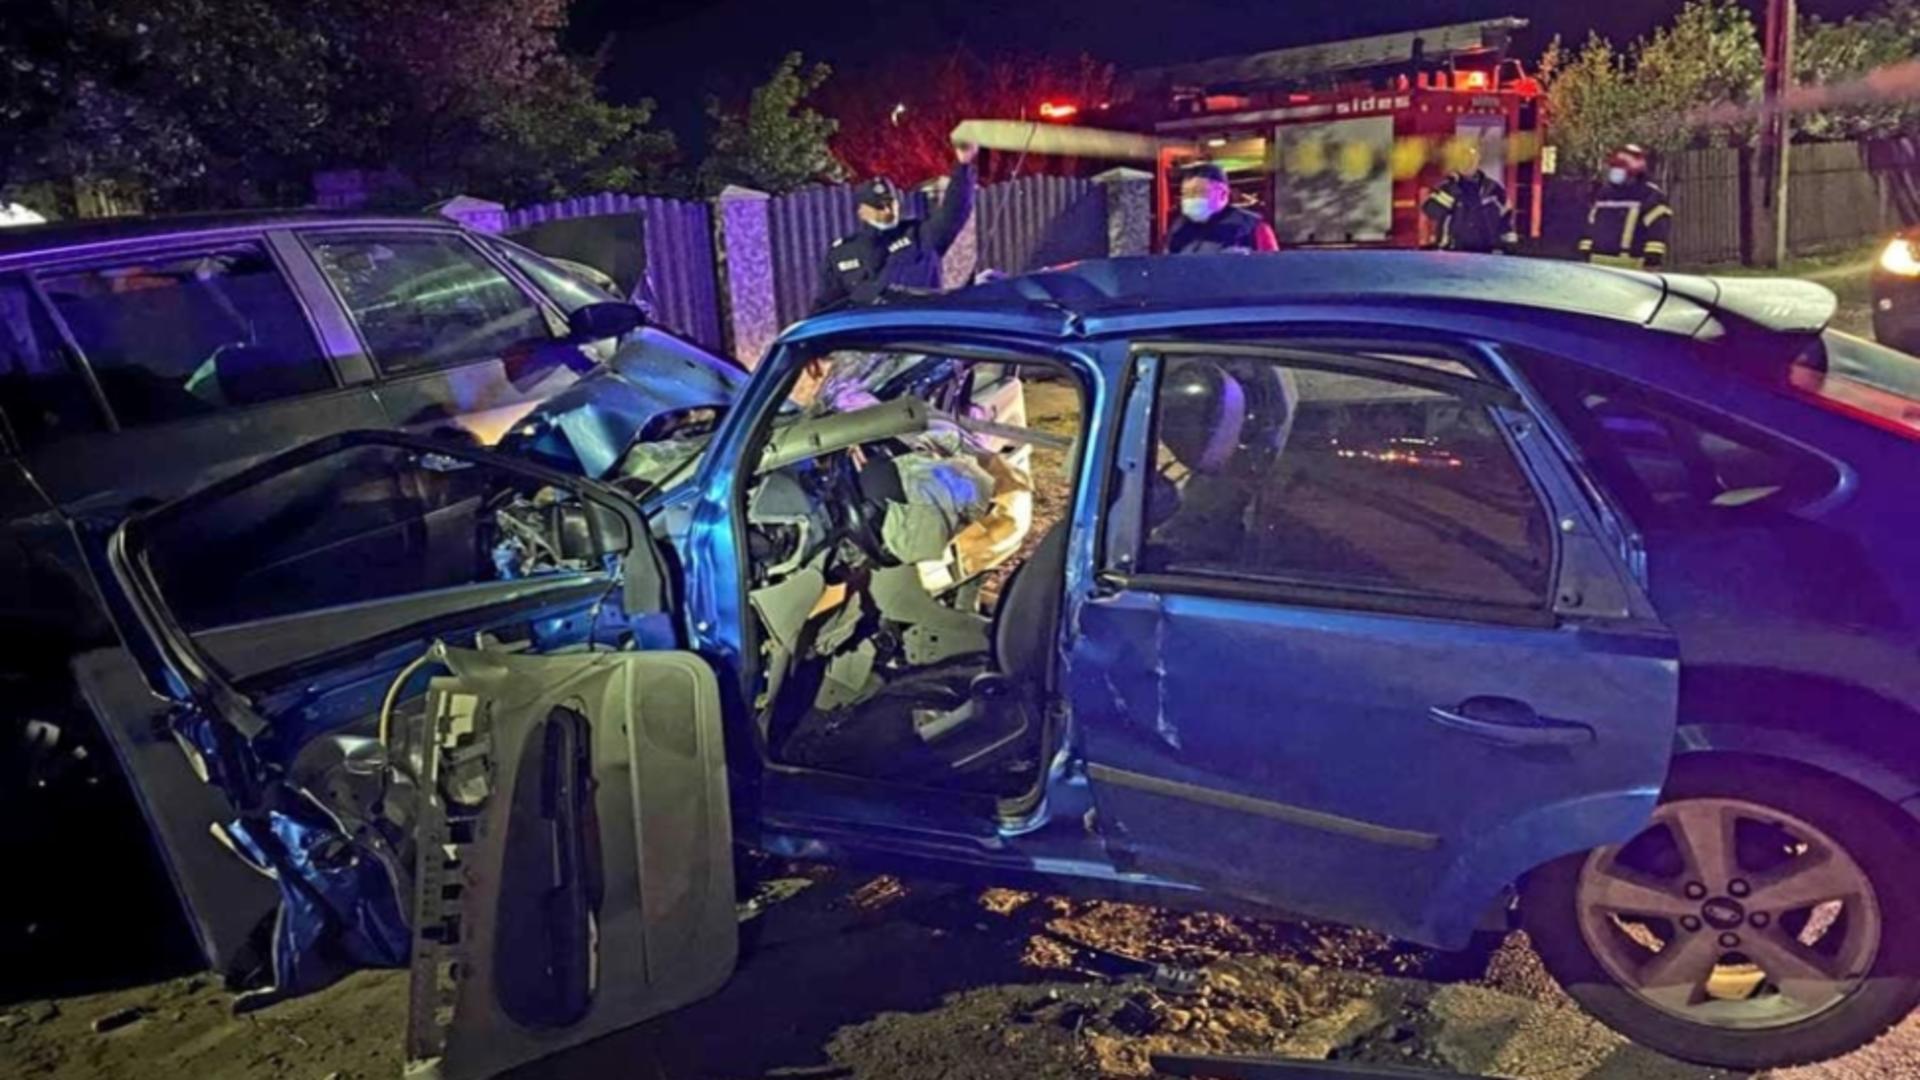 Accidentul s-a produs ca urmare a coliziunii dintre două autoturisme conduse de doi tineri